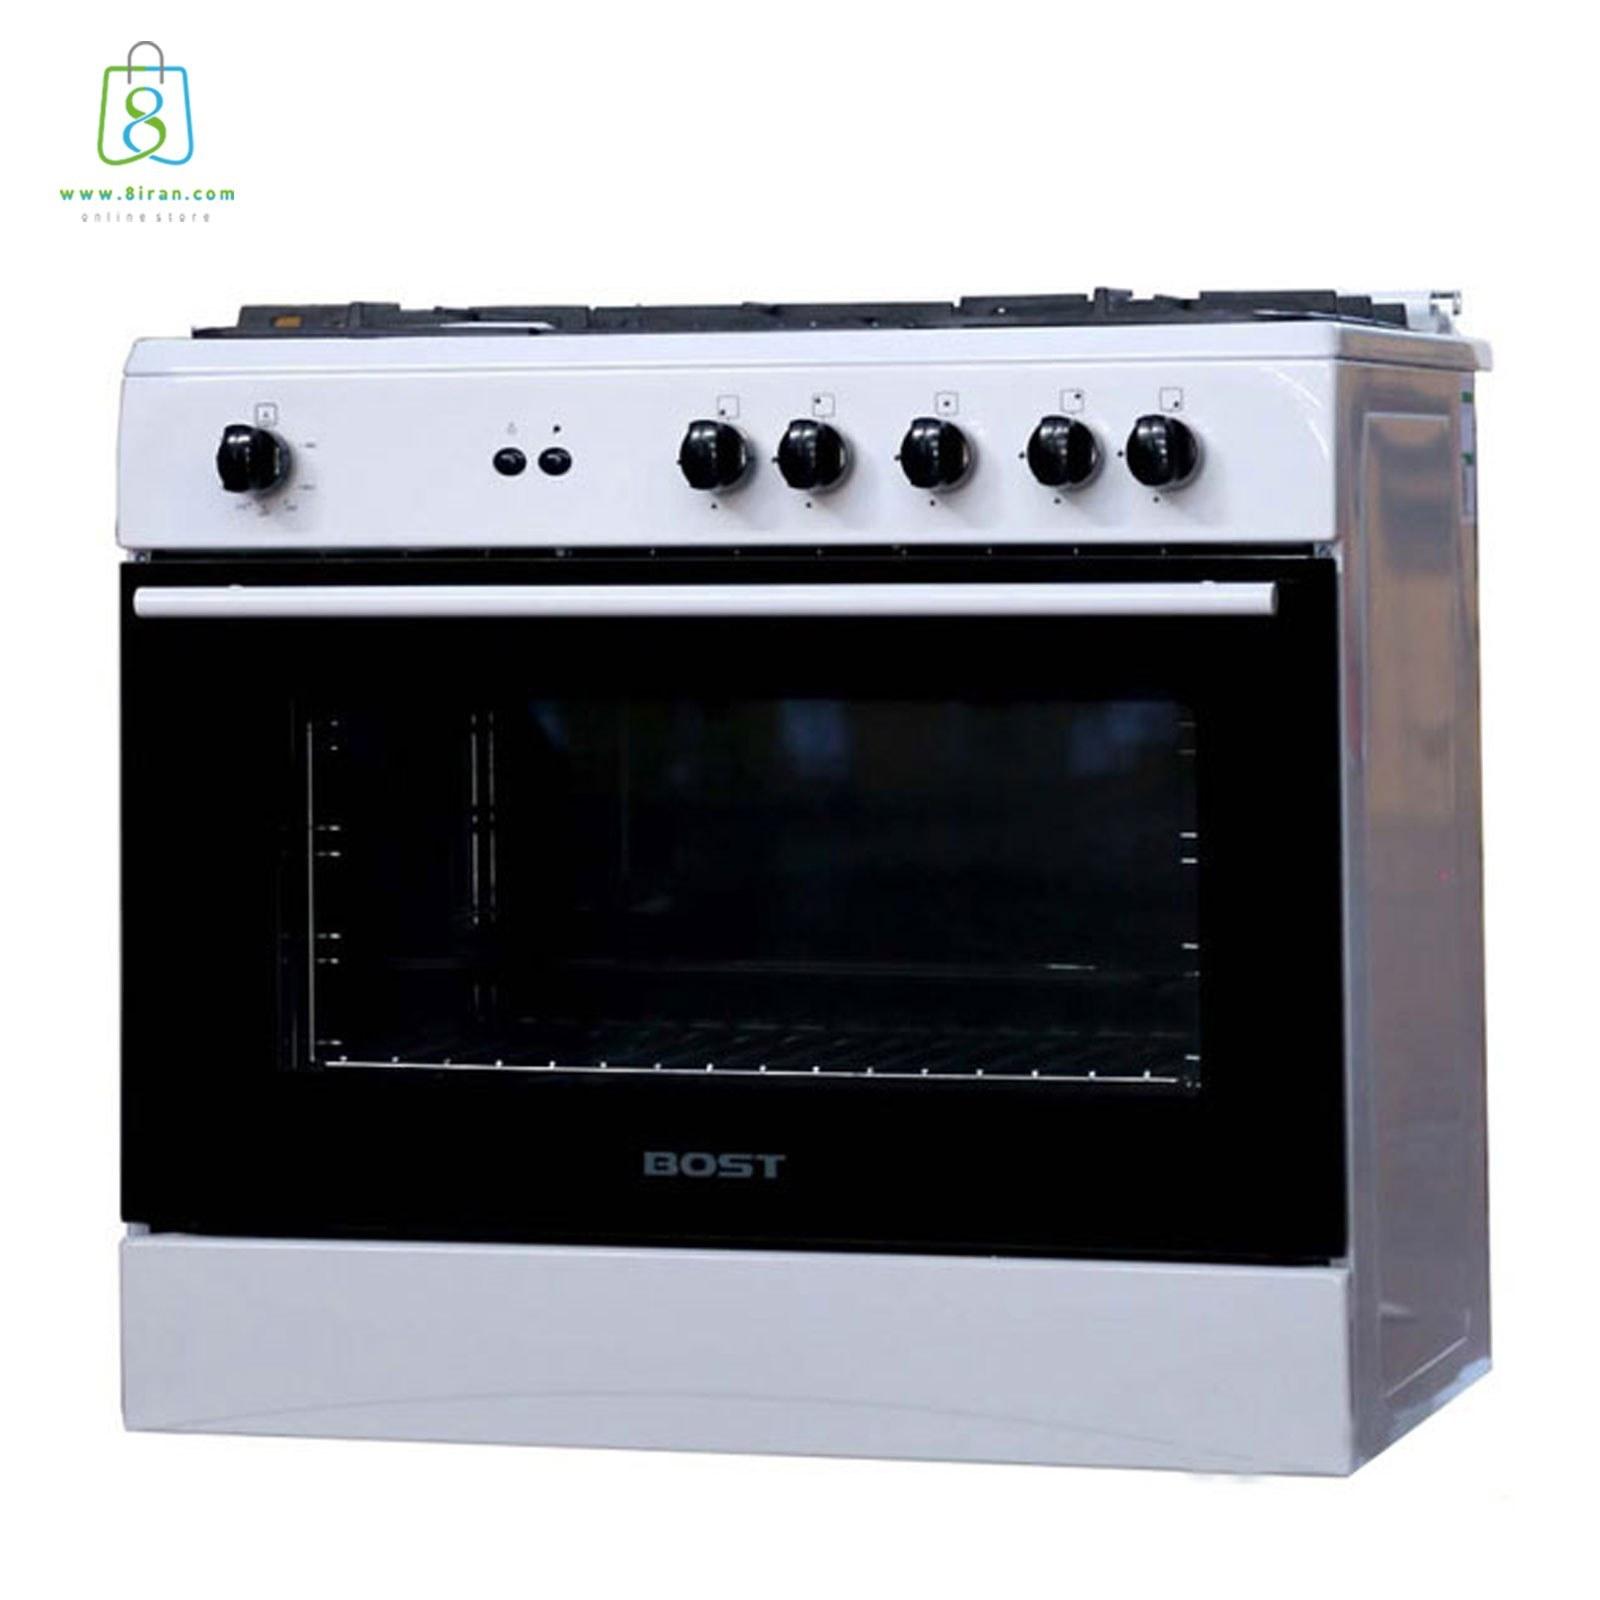 تصویر اجاق گاز بُست مدل BGC5-1012N Bost stove model BGC5-1012N